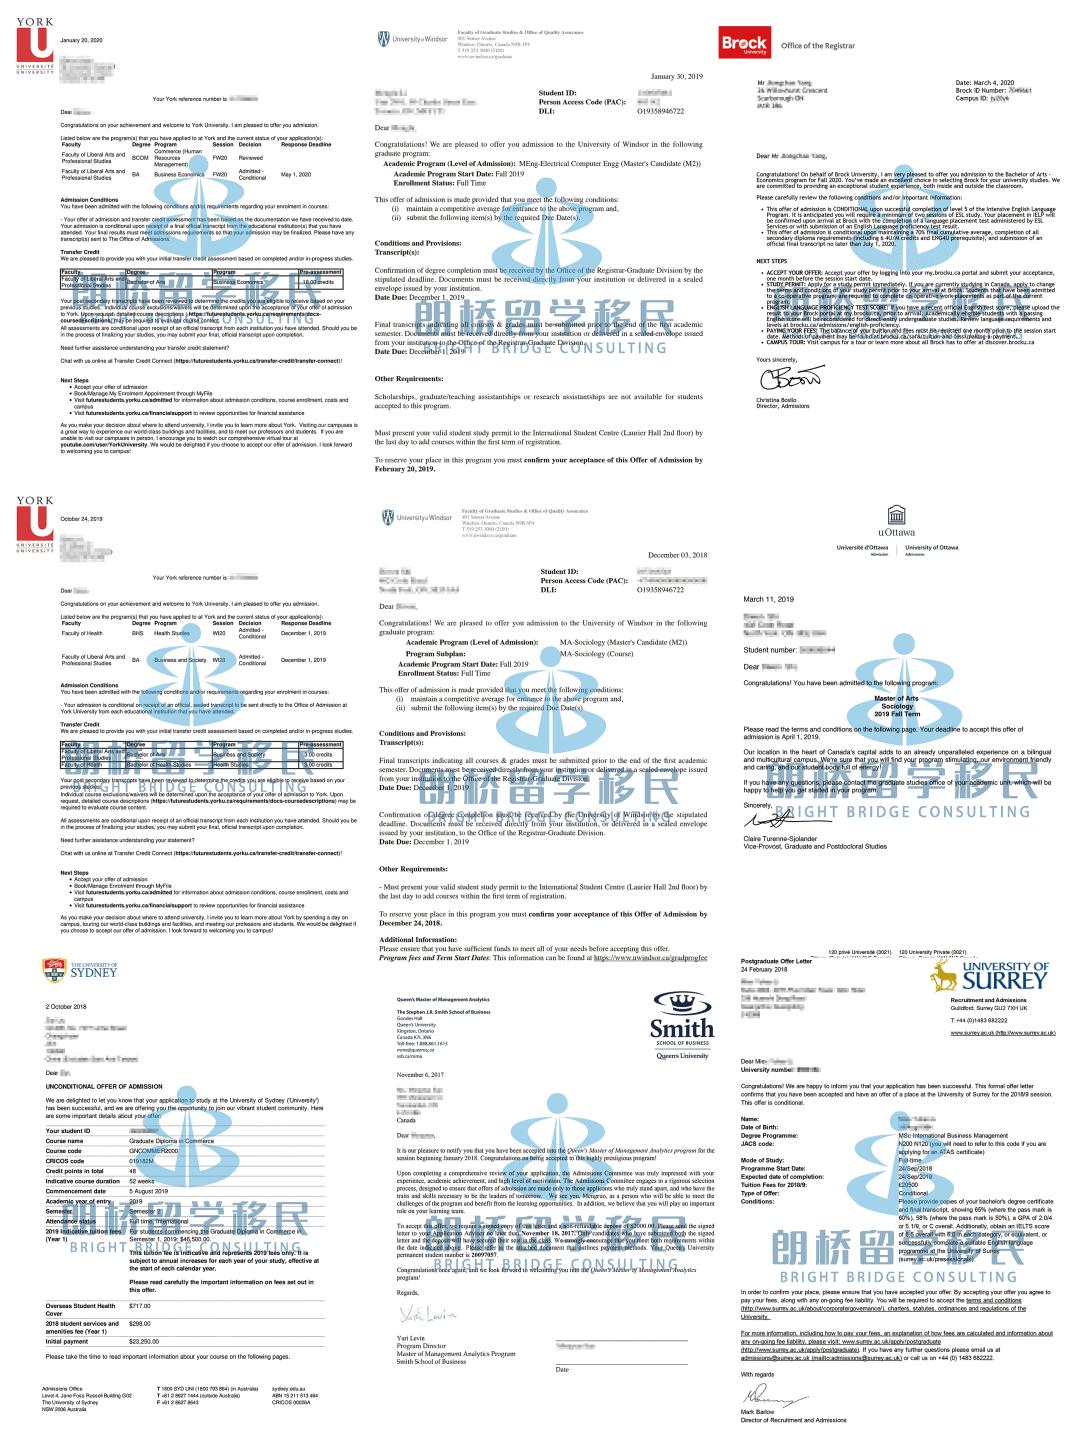 【硕士申请】2020年了还觉得MBA是水专业吗?